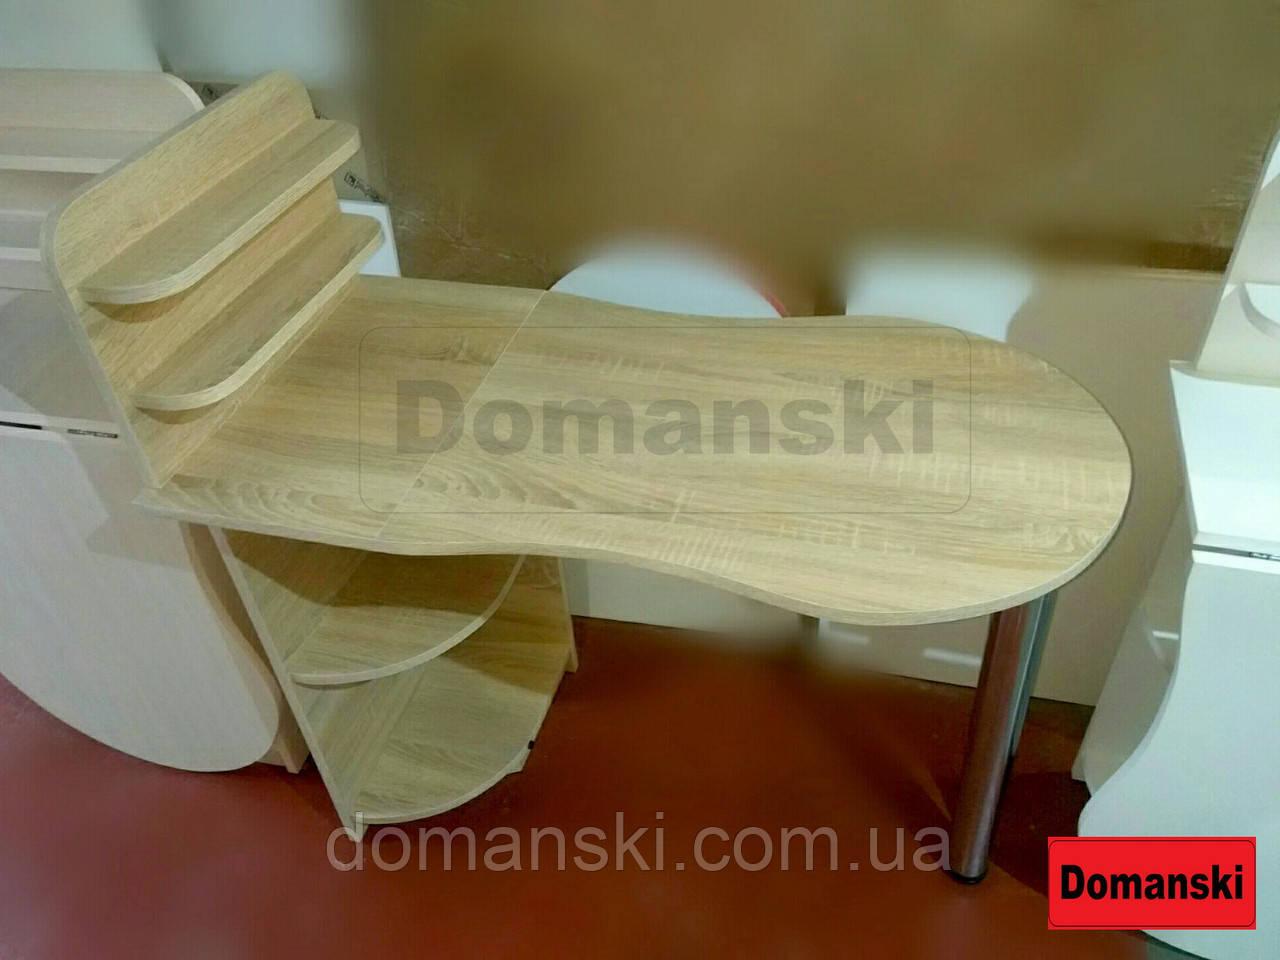 Маникюрный цвет дуб санома,  с фигурной столешницей. Стол для маникюра раскладной с полками для лаков.